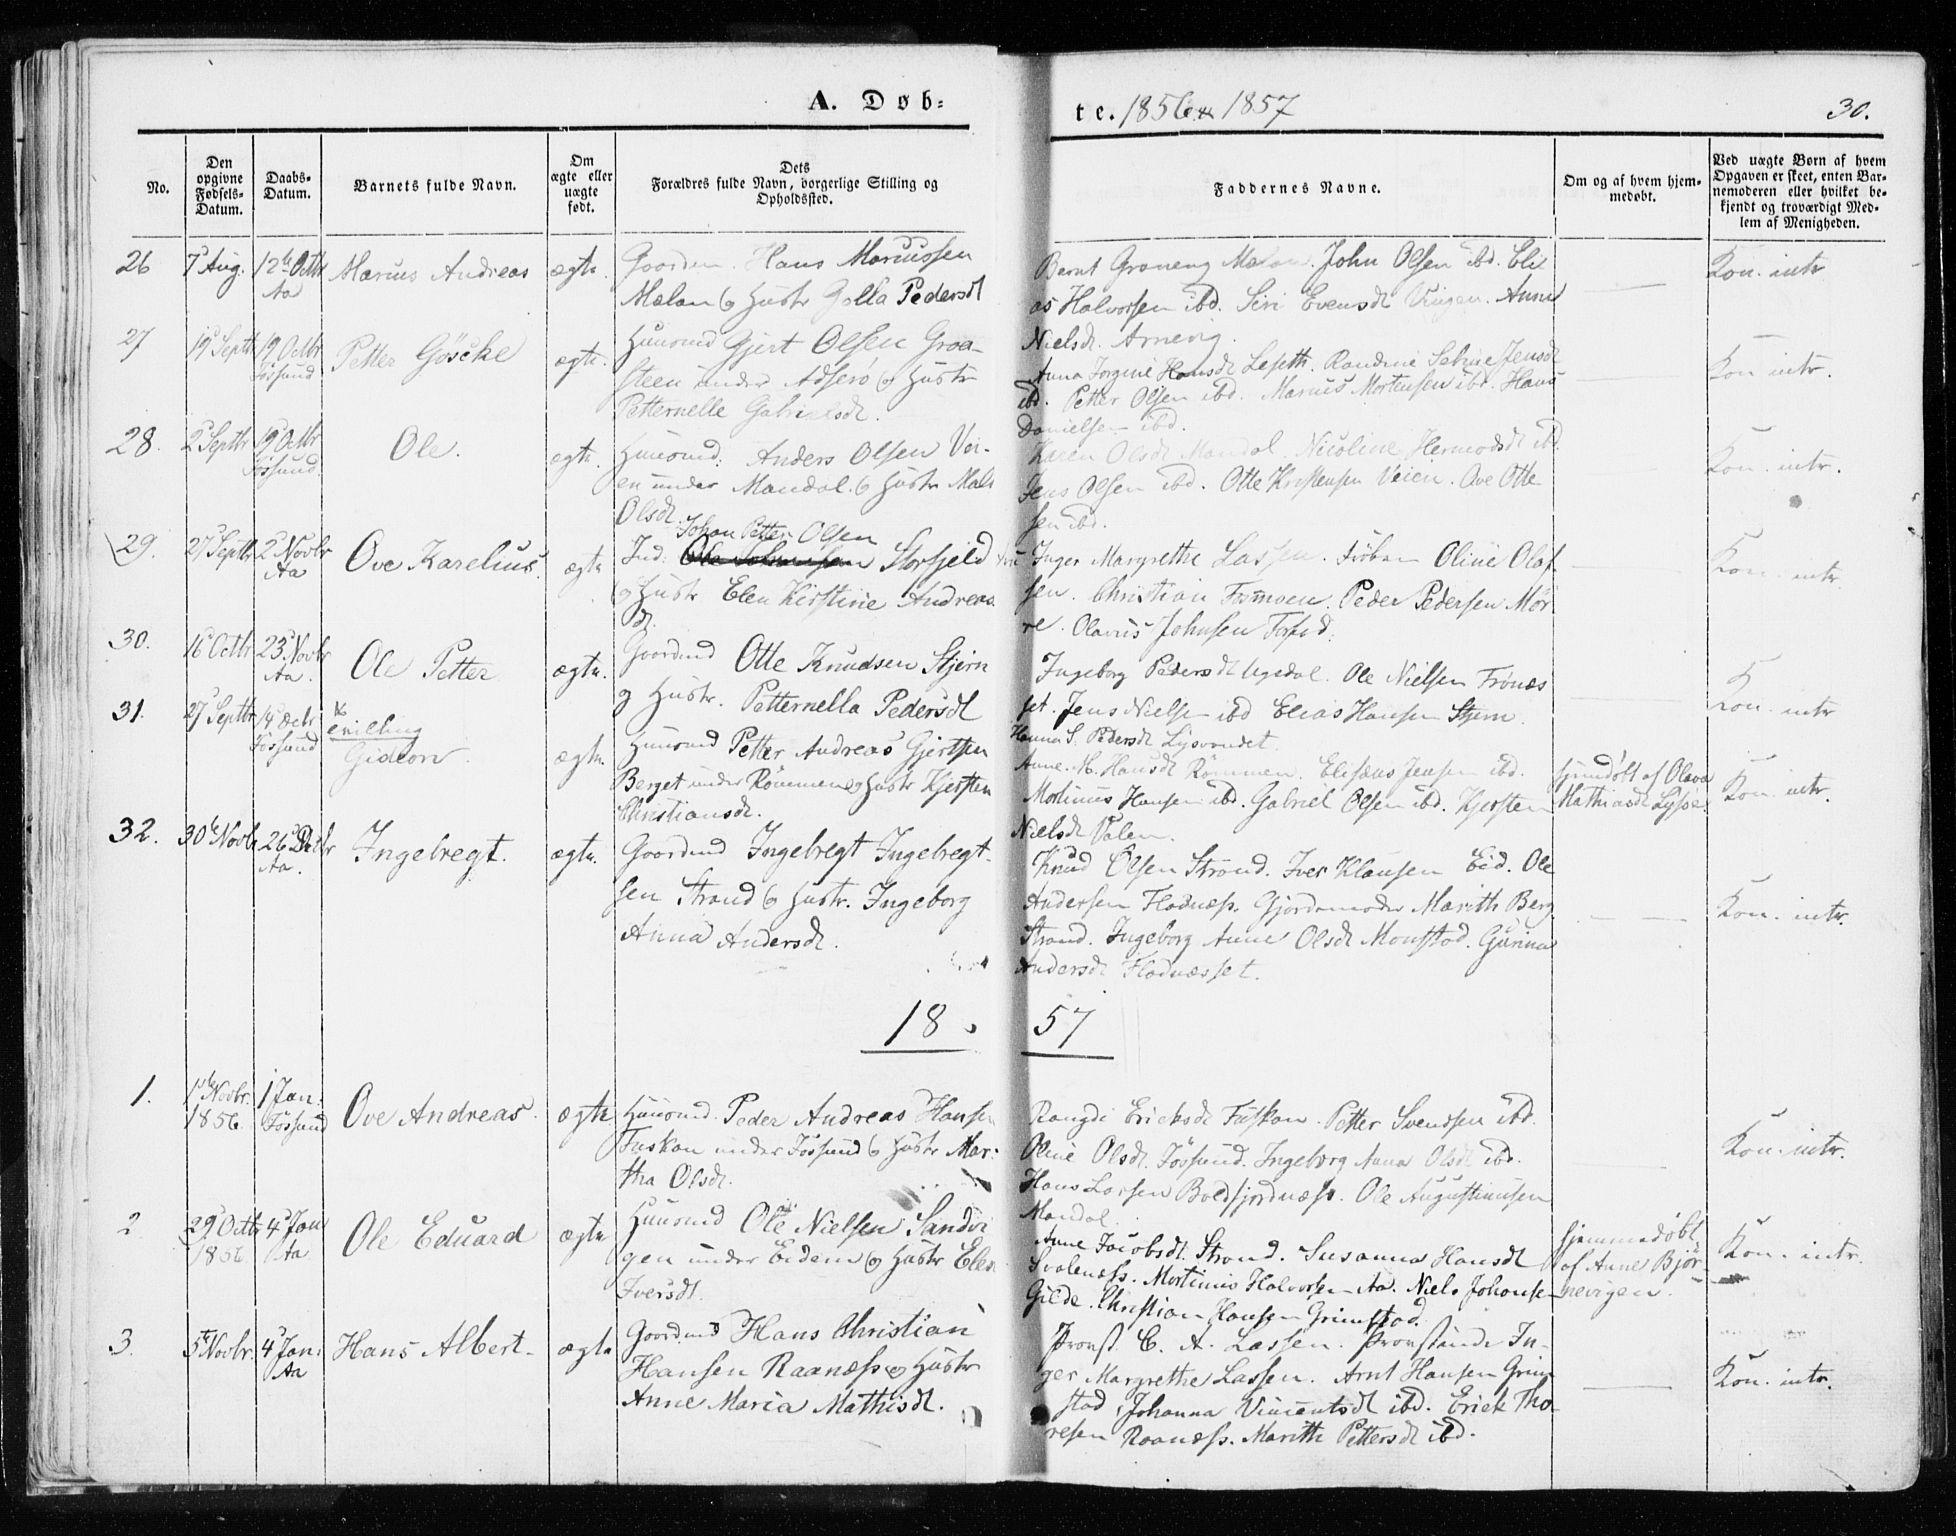 SAT, Ministerialprotokoller, klokkerbøker og fødselsregistre - Sør-Trøndelag, 655/L0677: Ministerialbok nr. 655A06, 1847-1860, s. 30